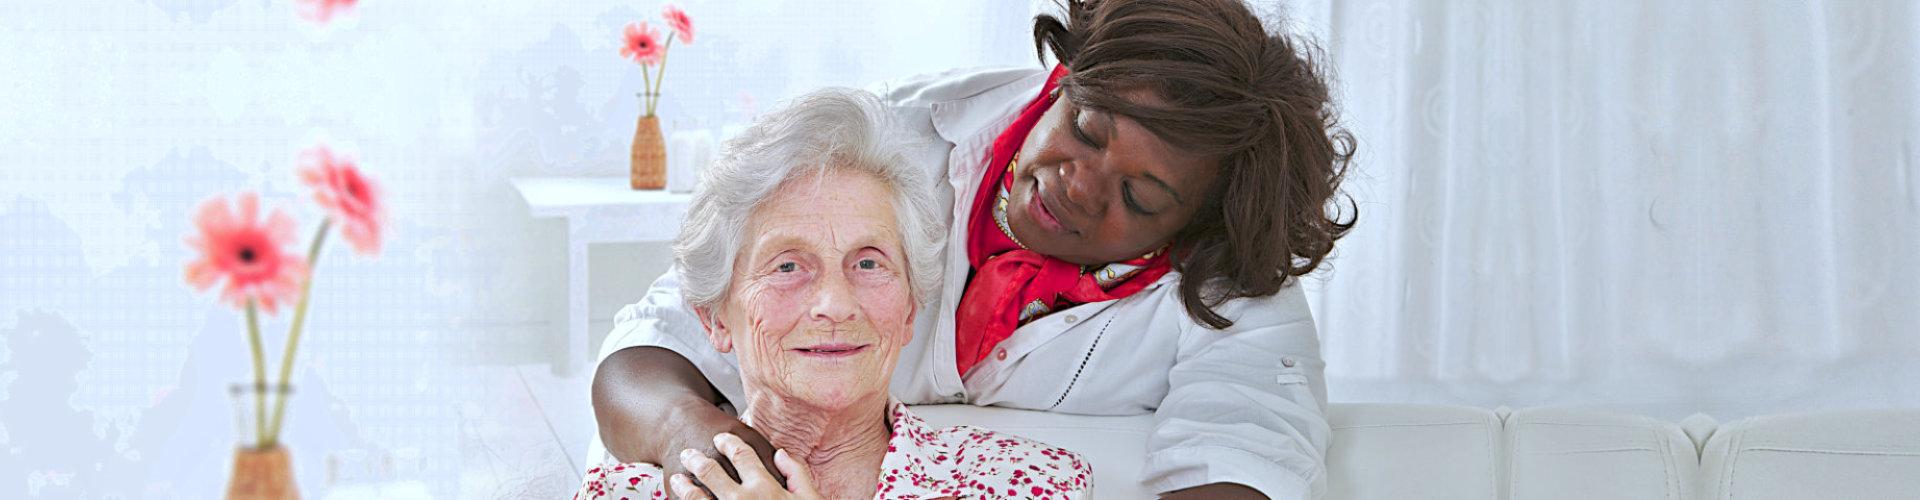 happy senior woman with friendly female nurse